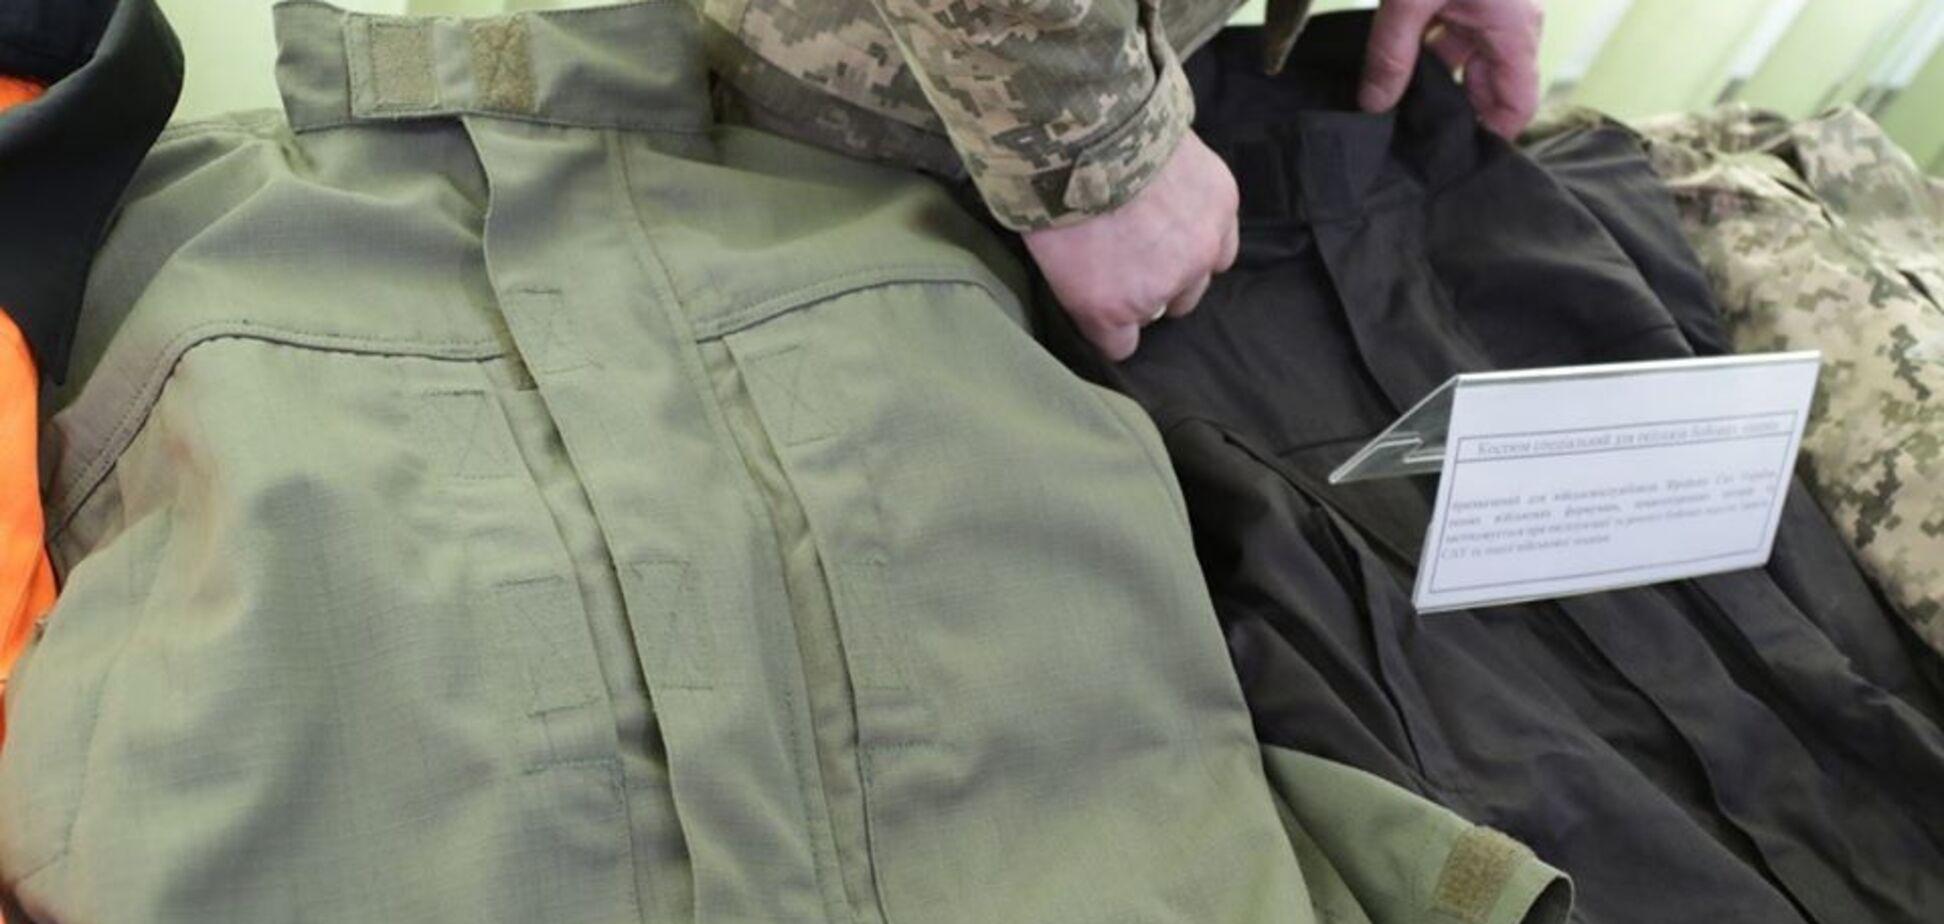 Спецодежда, берцы и кобура: в ВСУ показали новейшее оборудование для военных